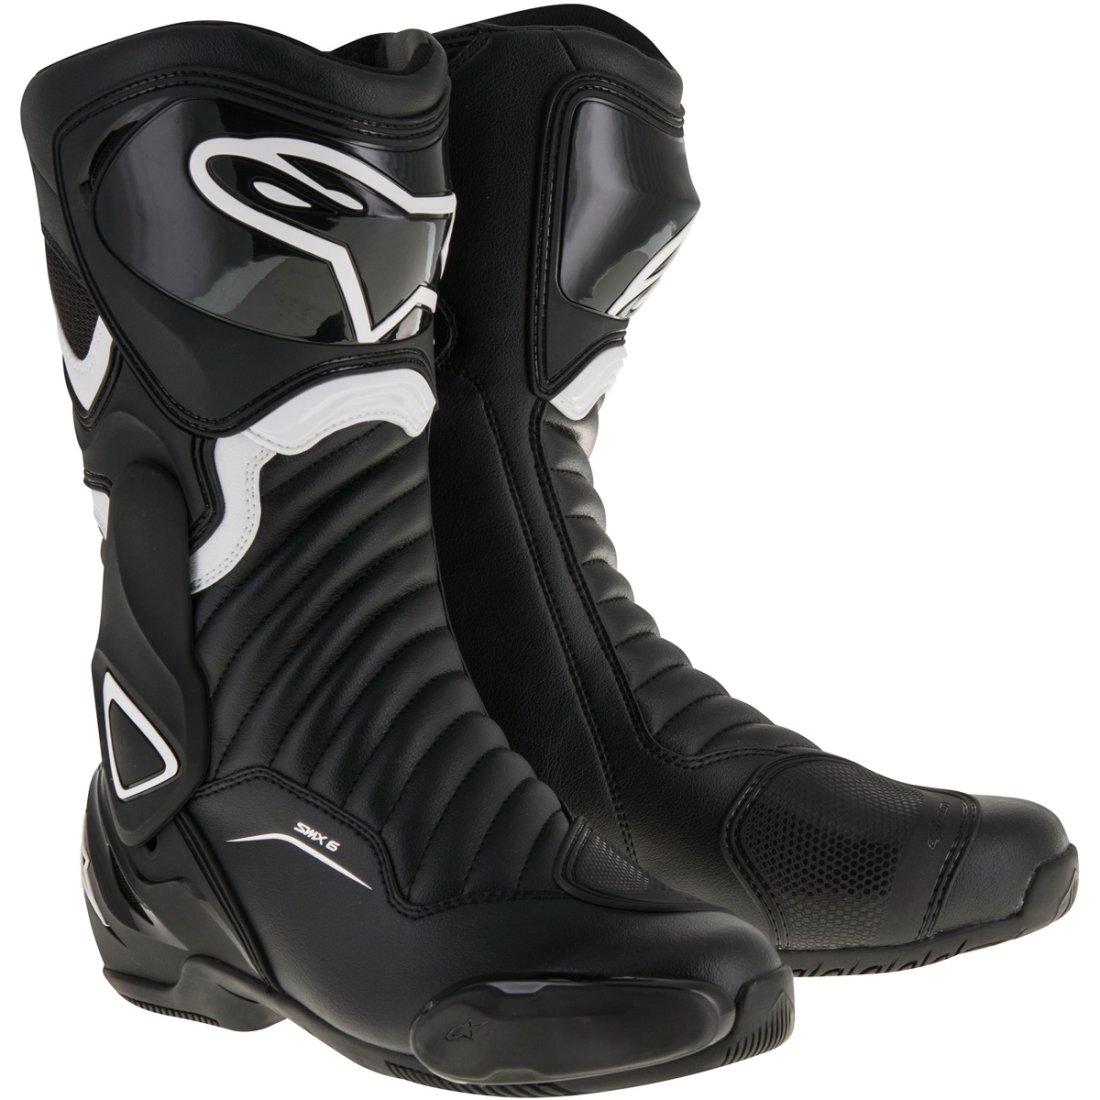 alpinestars smx 6 v2 black white boots motocard. Black Bedroom Furniture Sets. Home Design Ideas